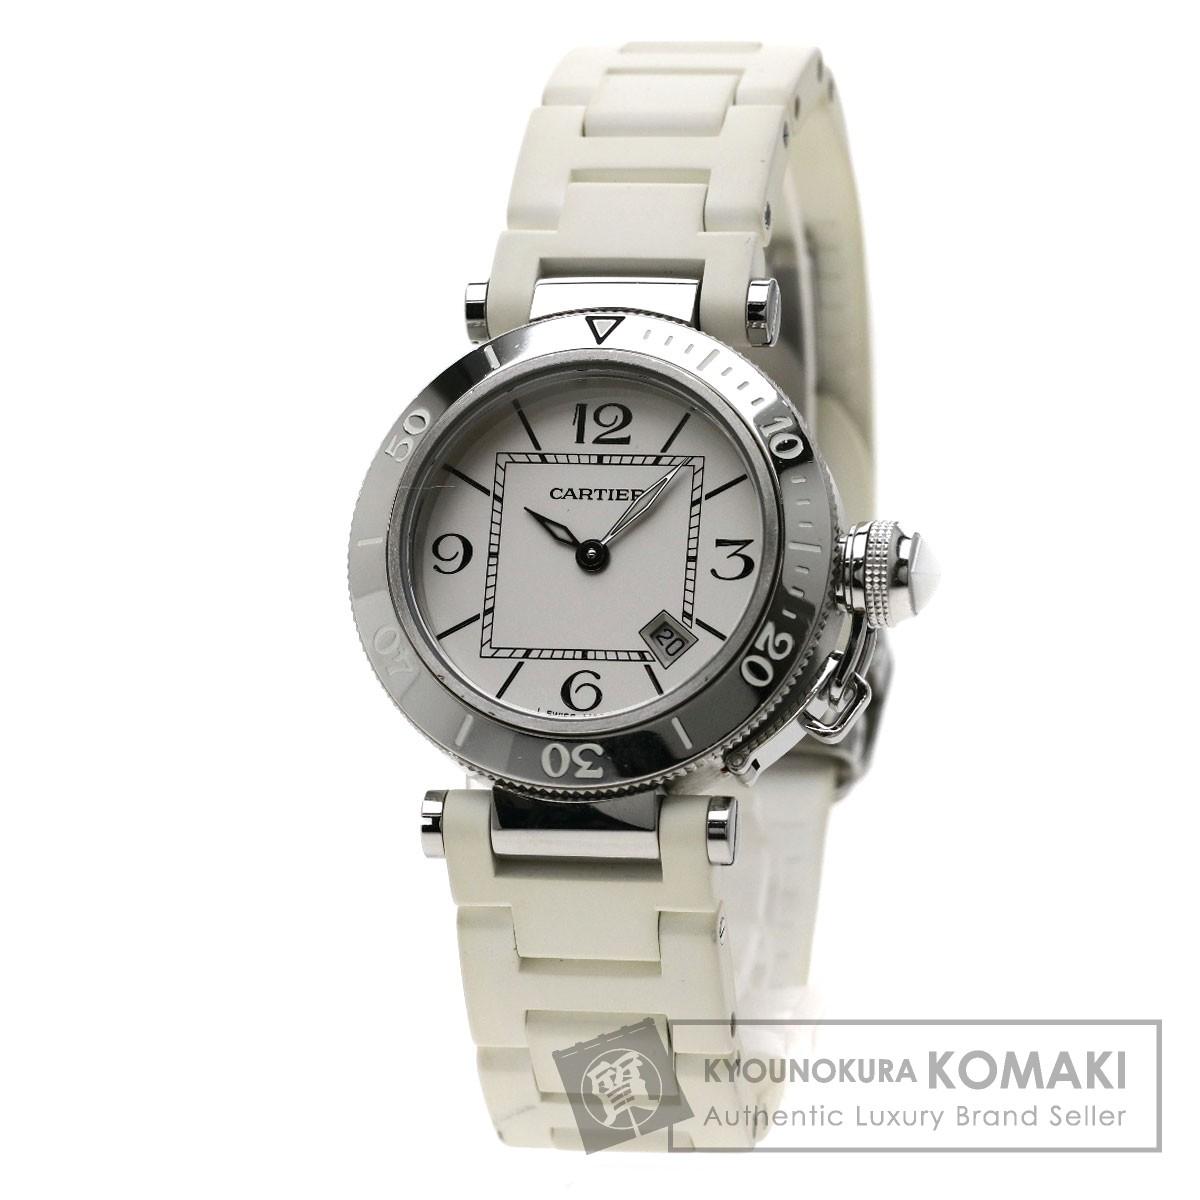 CARTIER パシャ シータイマー 腕時計 ステンレス/ラバー レディース 【中古】【カルティエ】